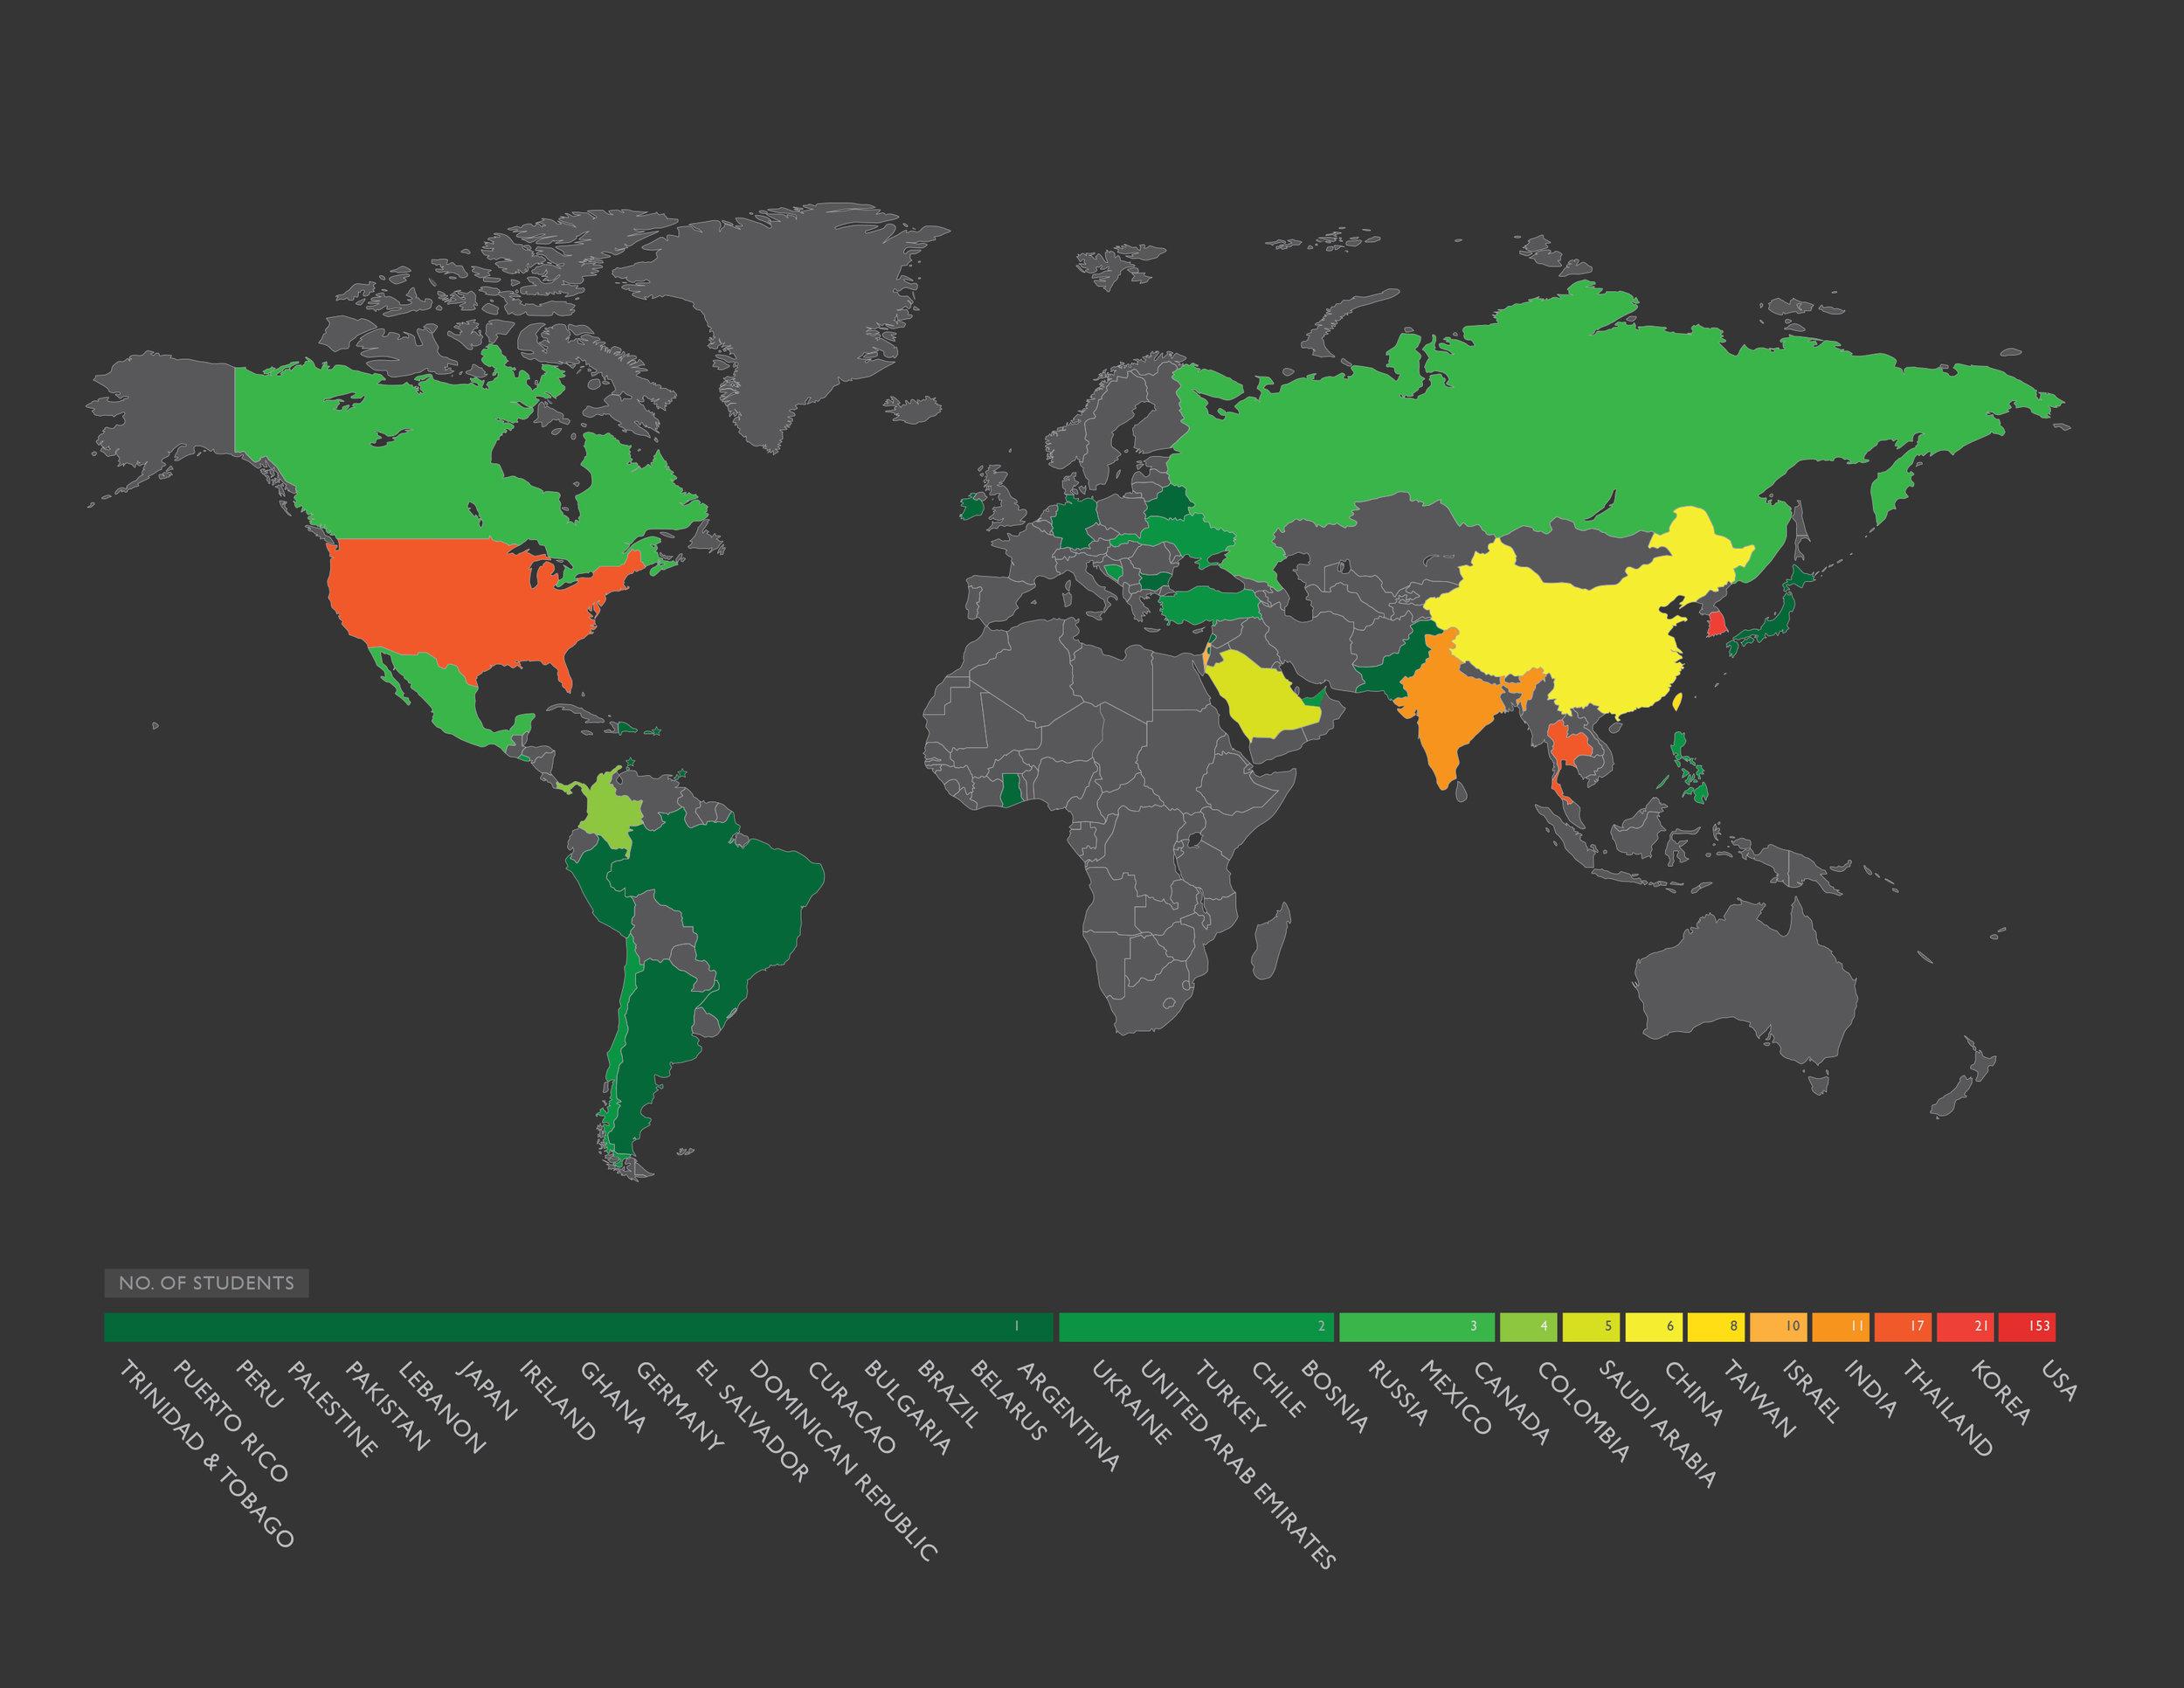 Map of total alumni representation (1995-2011)